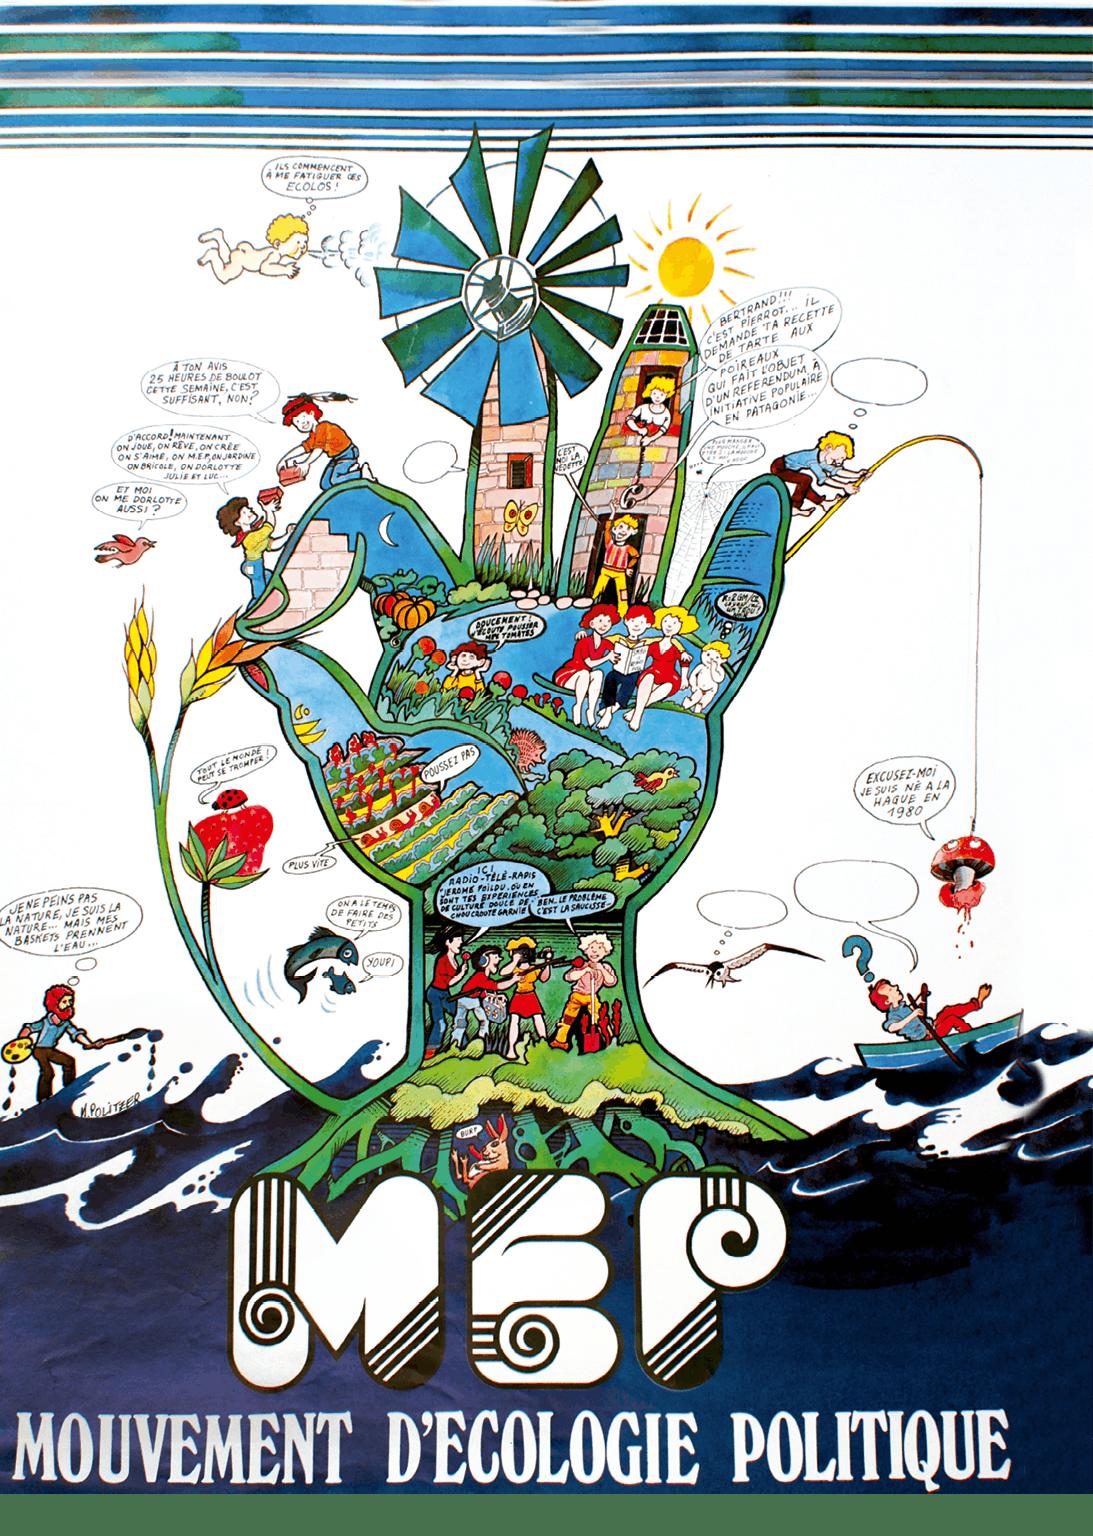 Affiche pour le Mouvement d'écologie politique qui fédère de nombreuses associations environnementales, 1979.